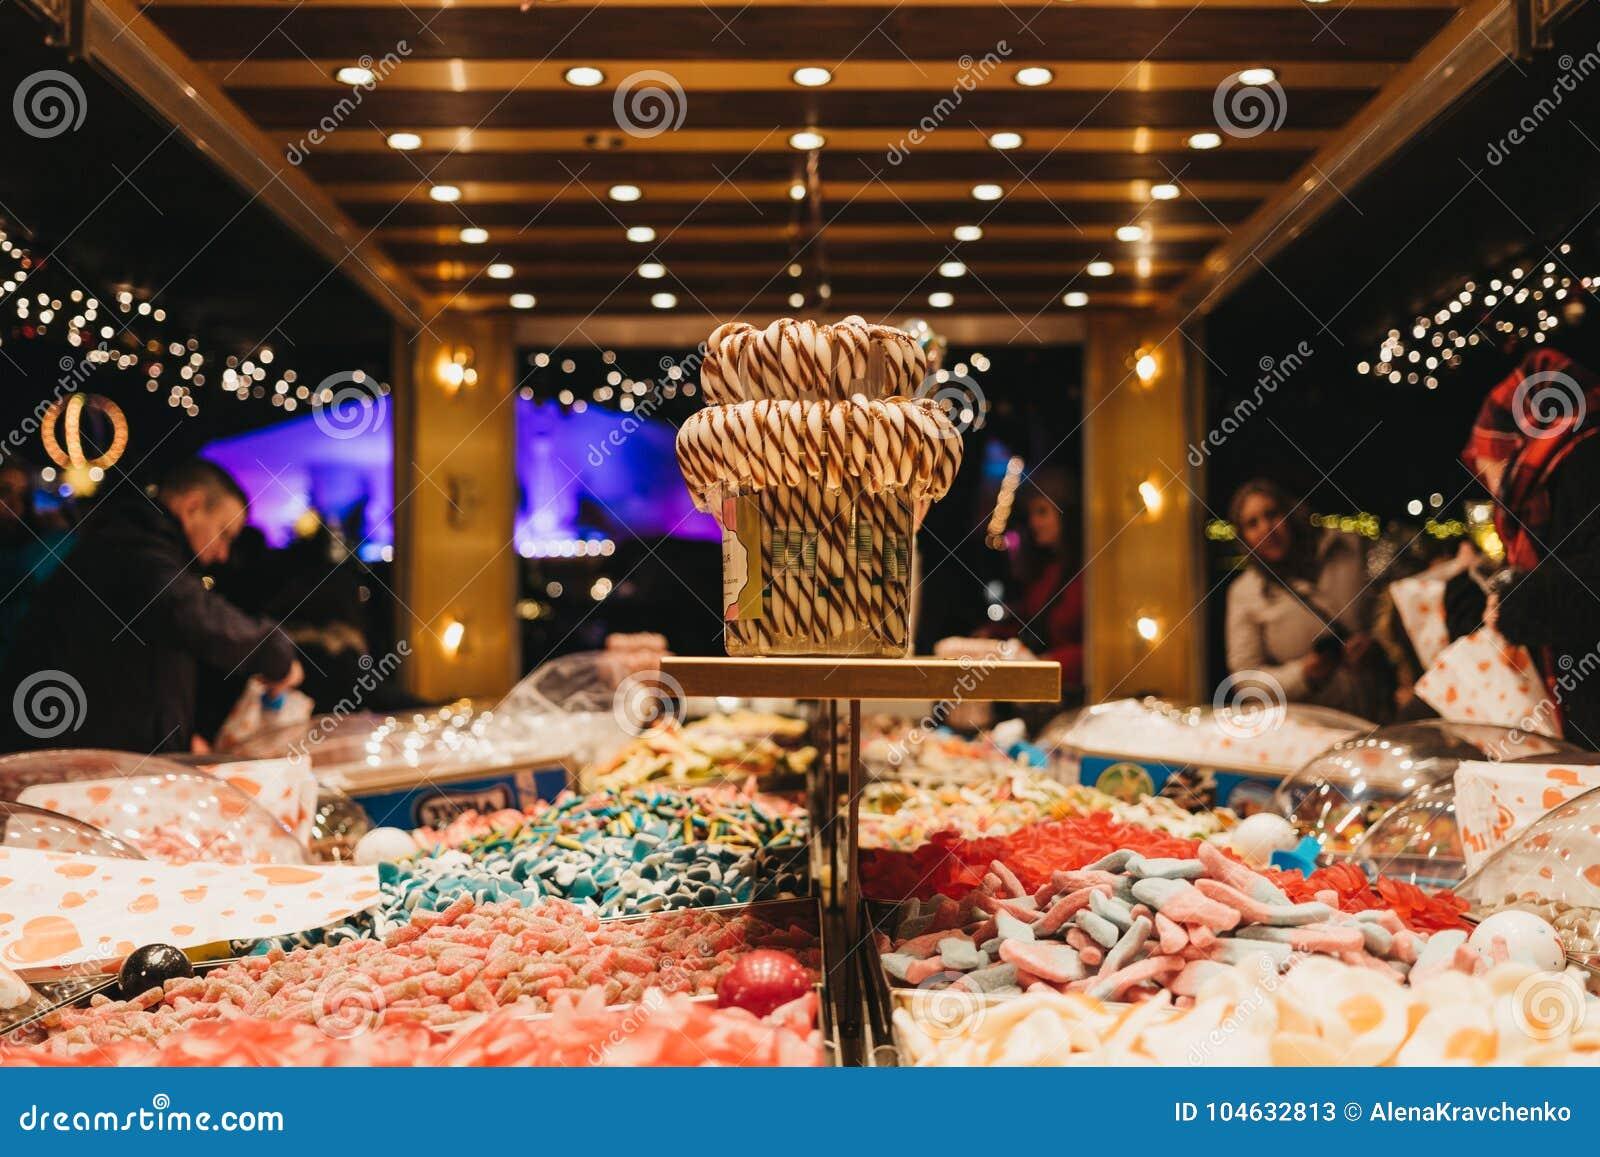 Download De Mensen Kopen Snoepjes Bij De Box Van De Oogst` N ` Mengeling In De Markt Van Het De Wintersprookjesland In Londen Redactionele Stock Foto - Afbeelding bestaande uit stad, feestelijk: 104632813